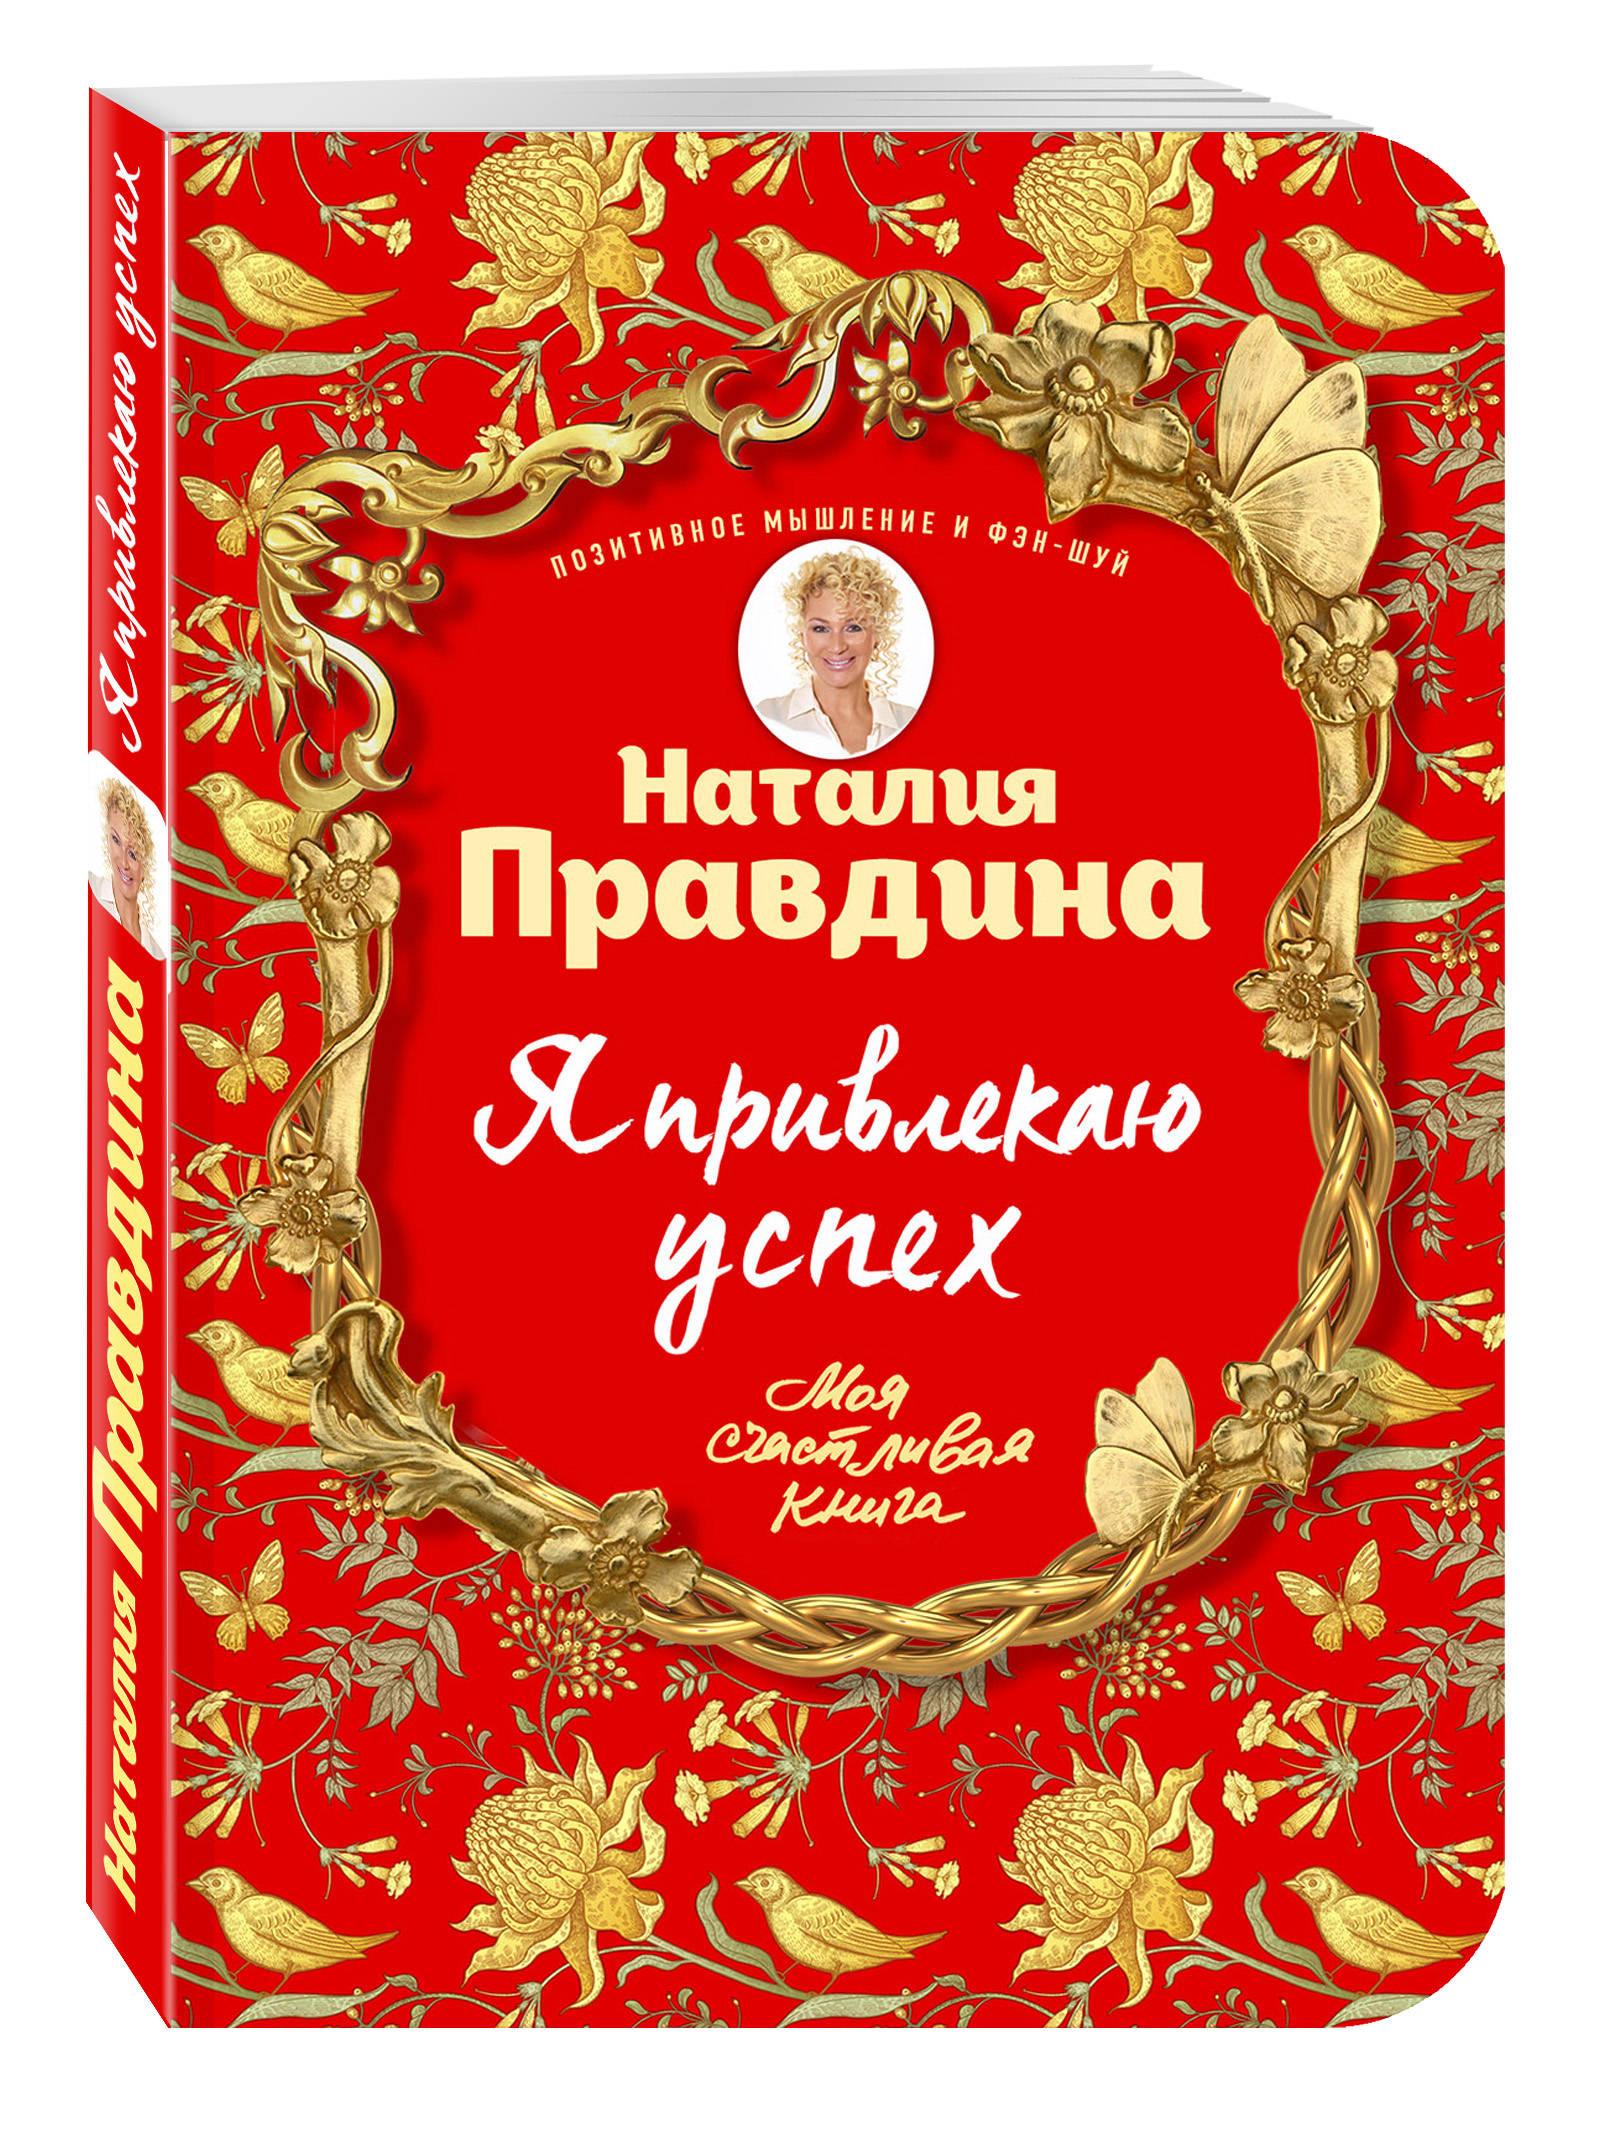 купить Наталия Правдина Я привлекаю успех! Как достигнуть успеха и реализовать свои желания, получая удовольствие по цене 156 рублей